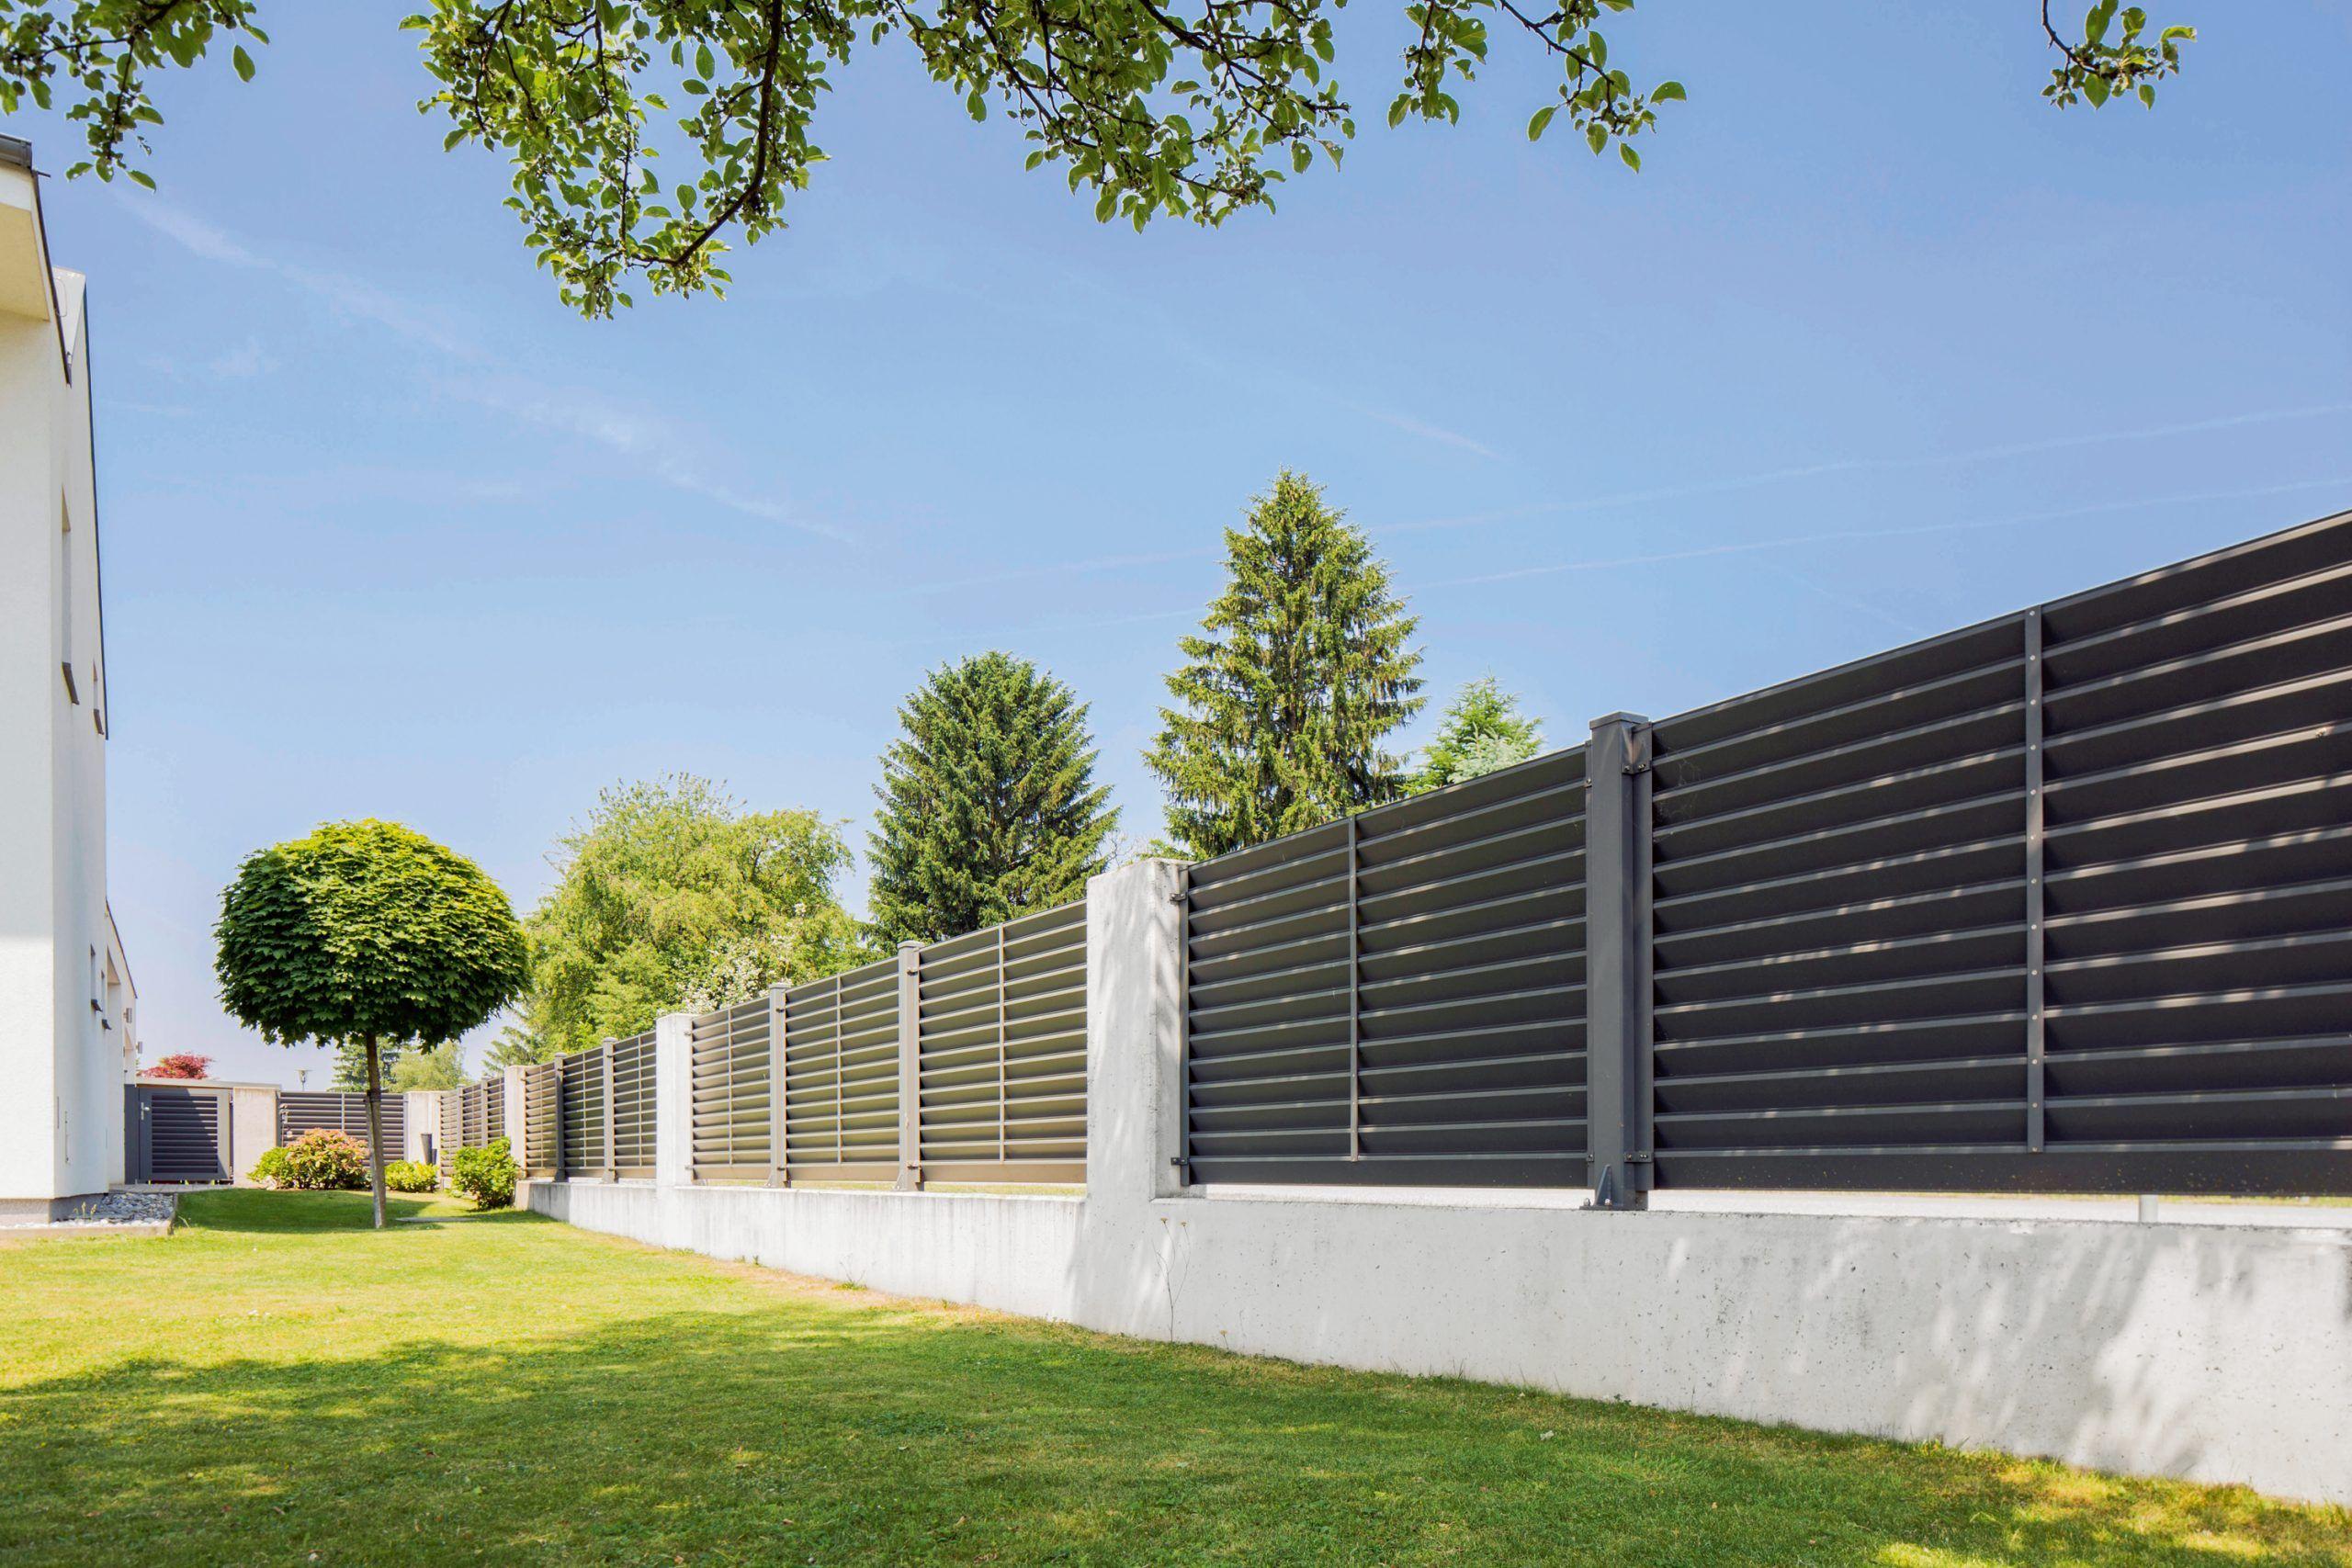 Bewahren Sie Privatsphare Mit Stil Zaune Tore Und Balkone Mit